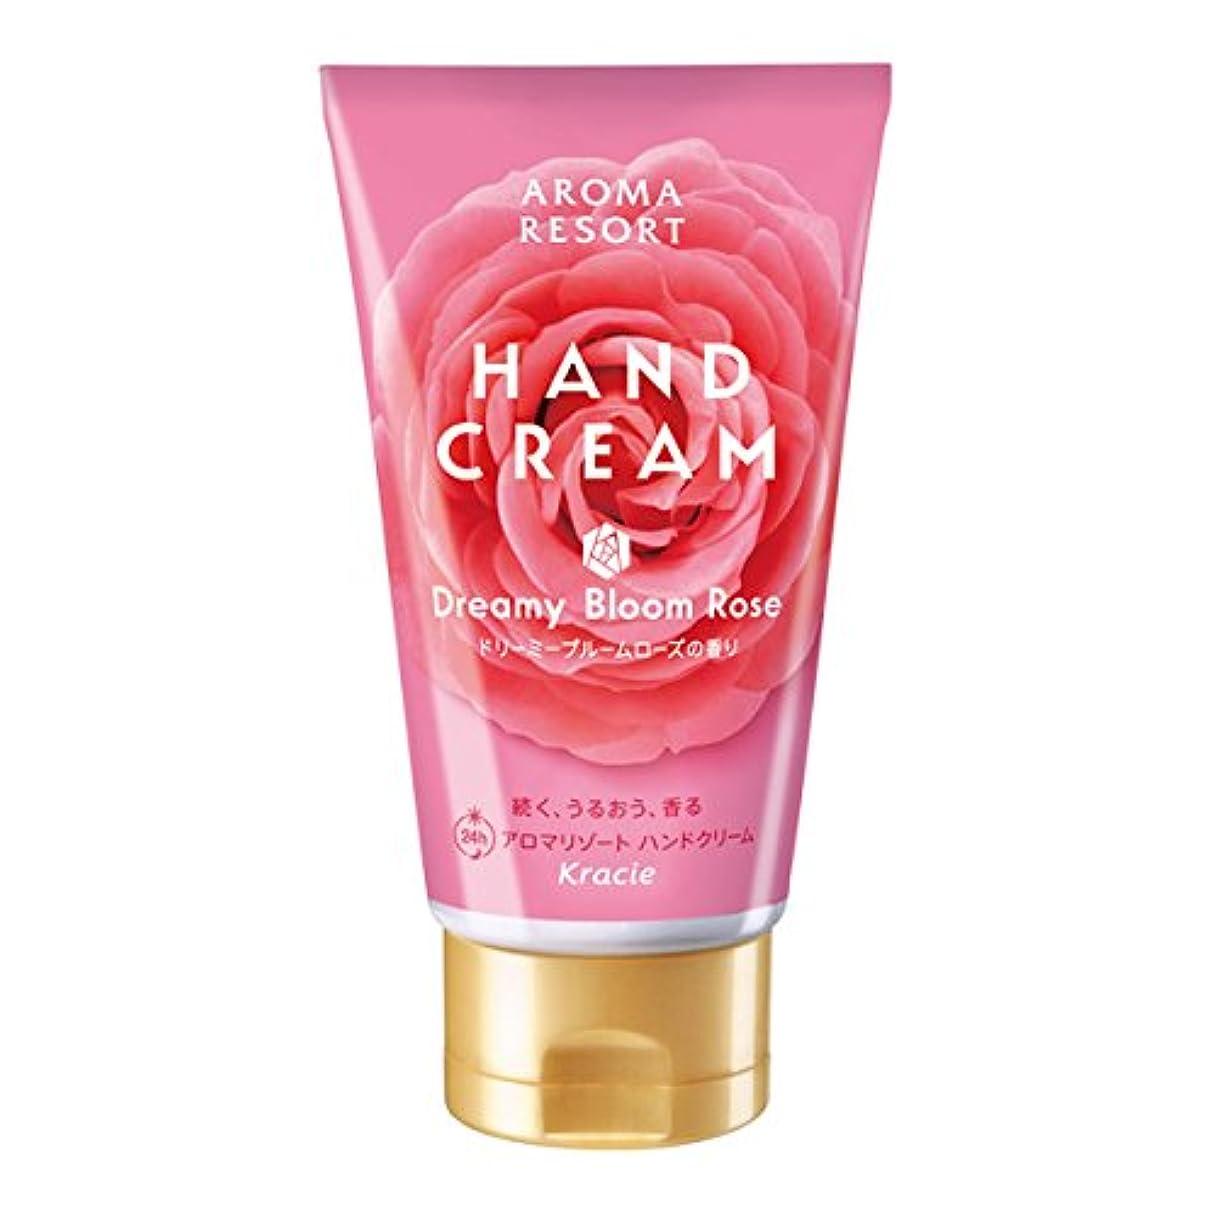 いとこ変色する重要性アロマリゾート ハンドクリーム ドリーミーブルームローズの香り 70g